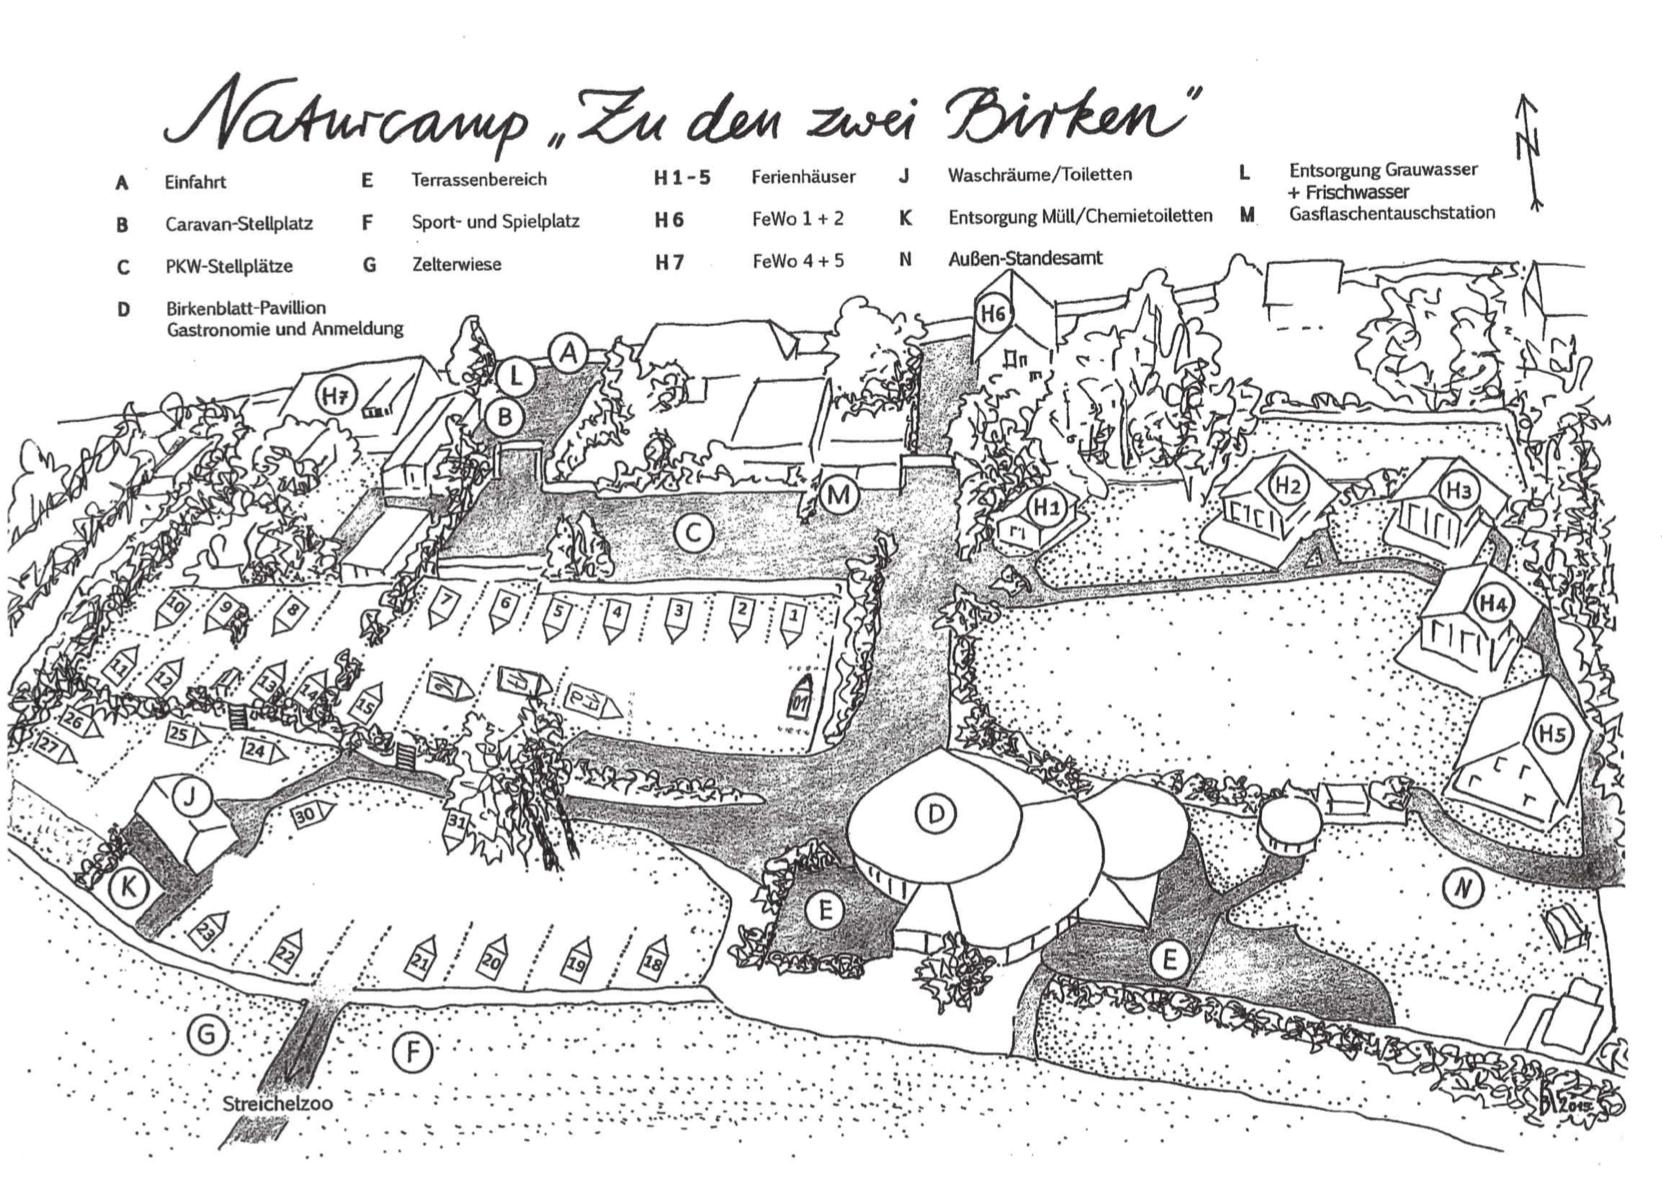 Lageplan Naturcamp zu den zwei Birken